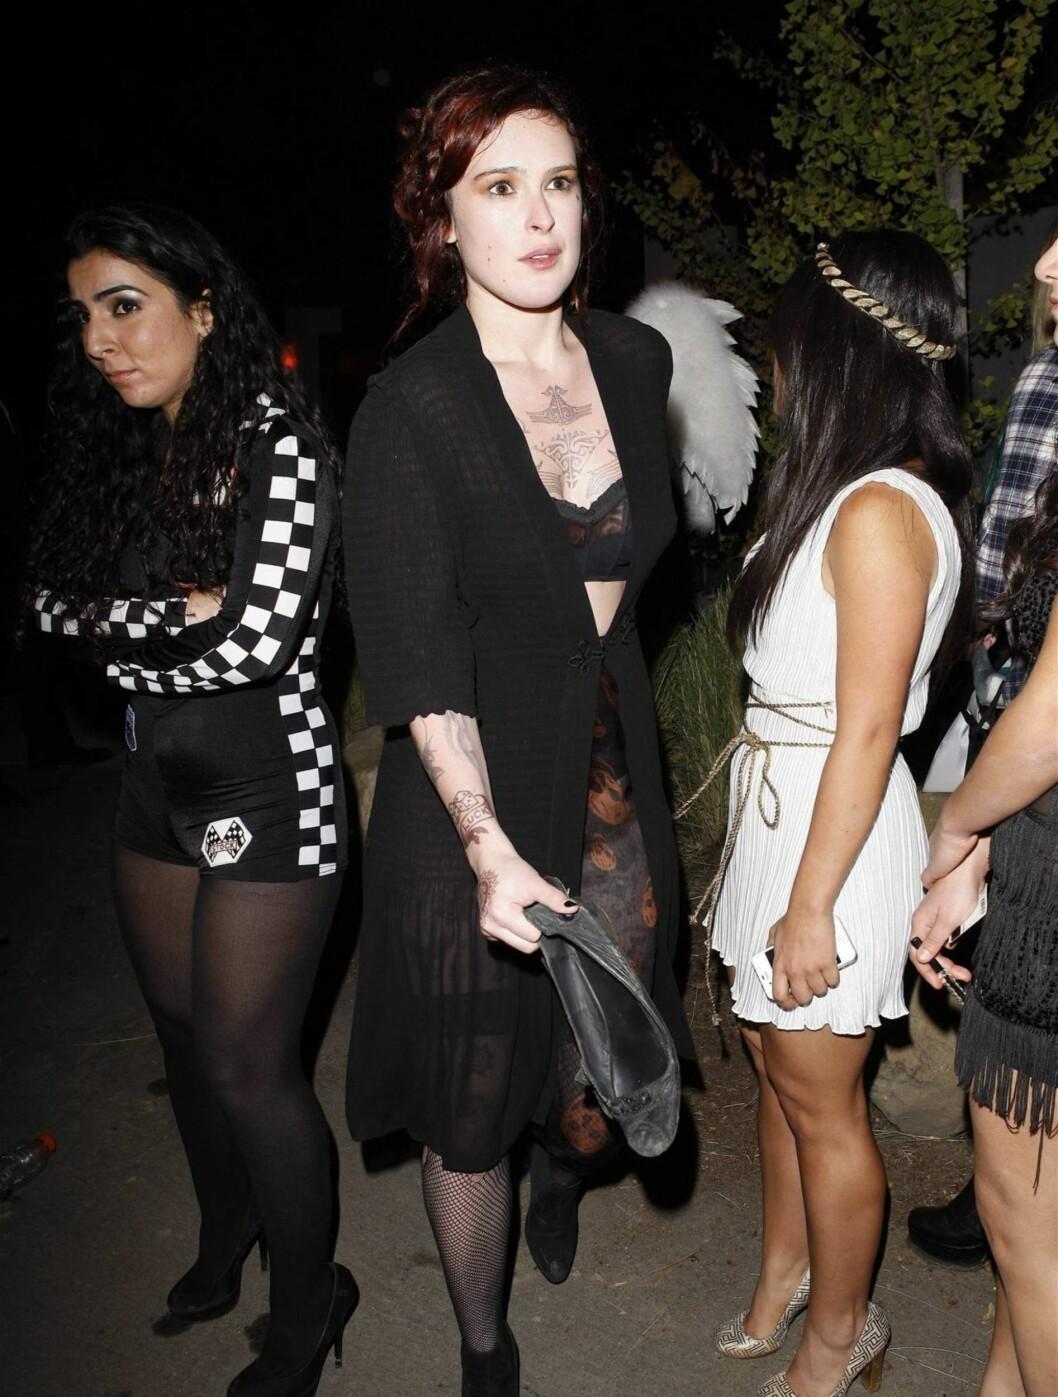 SKUMMEL: Rumer Willis, datteren til Demi Moore og Bruce Willis, kom som en skummel jente på en privat halloweenfest. Foto: All Over Press